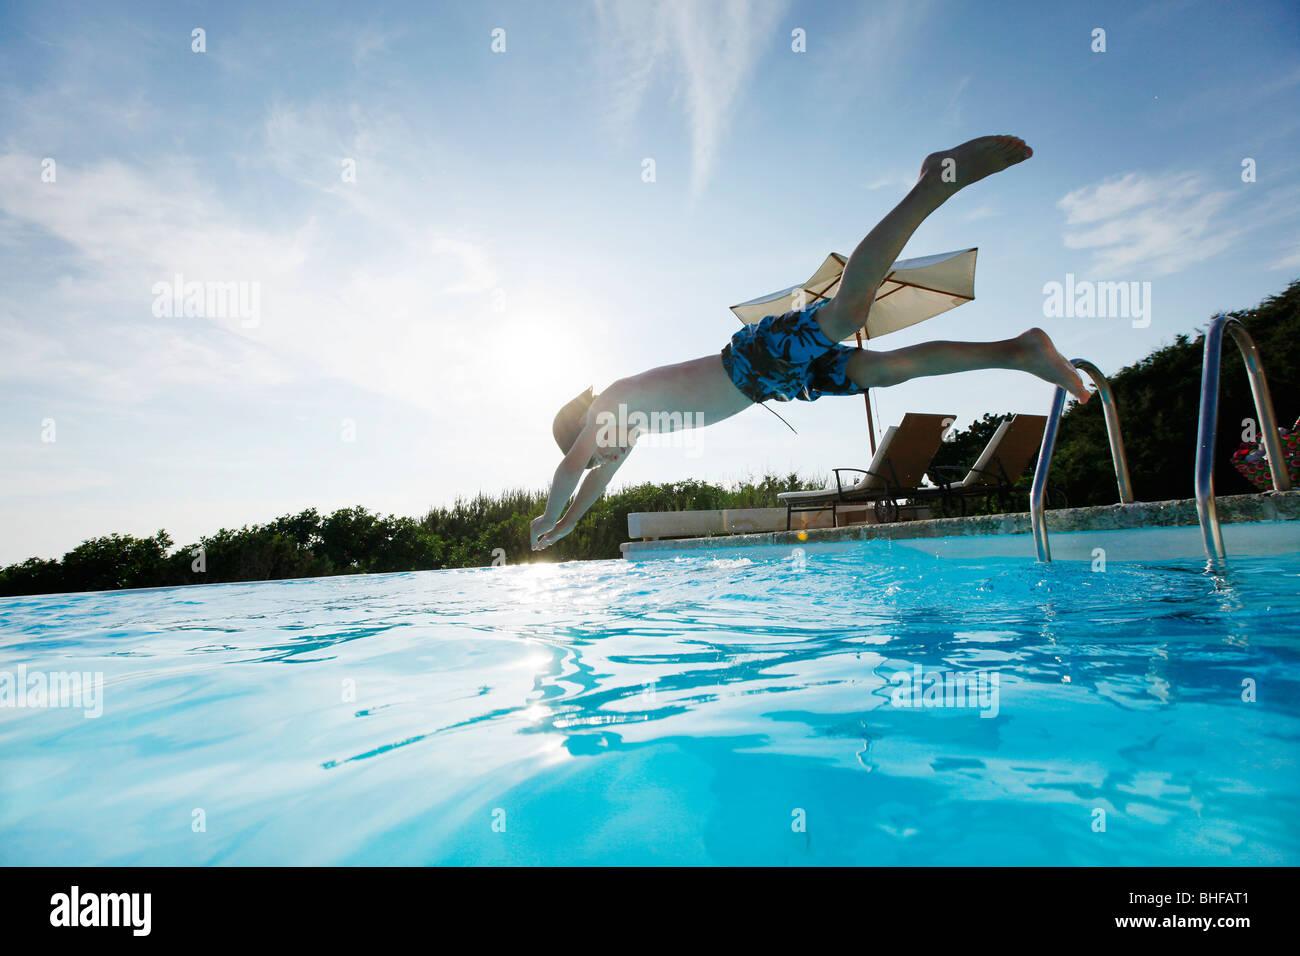 Boy mergulho na piscina, piscina, Las Dunas Playa, Formentera, Ilhas Baleares, Espanha Imagens de Stock